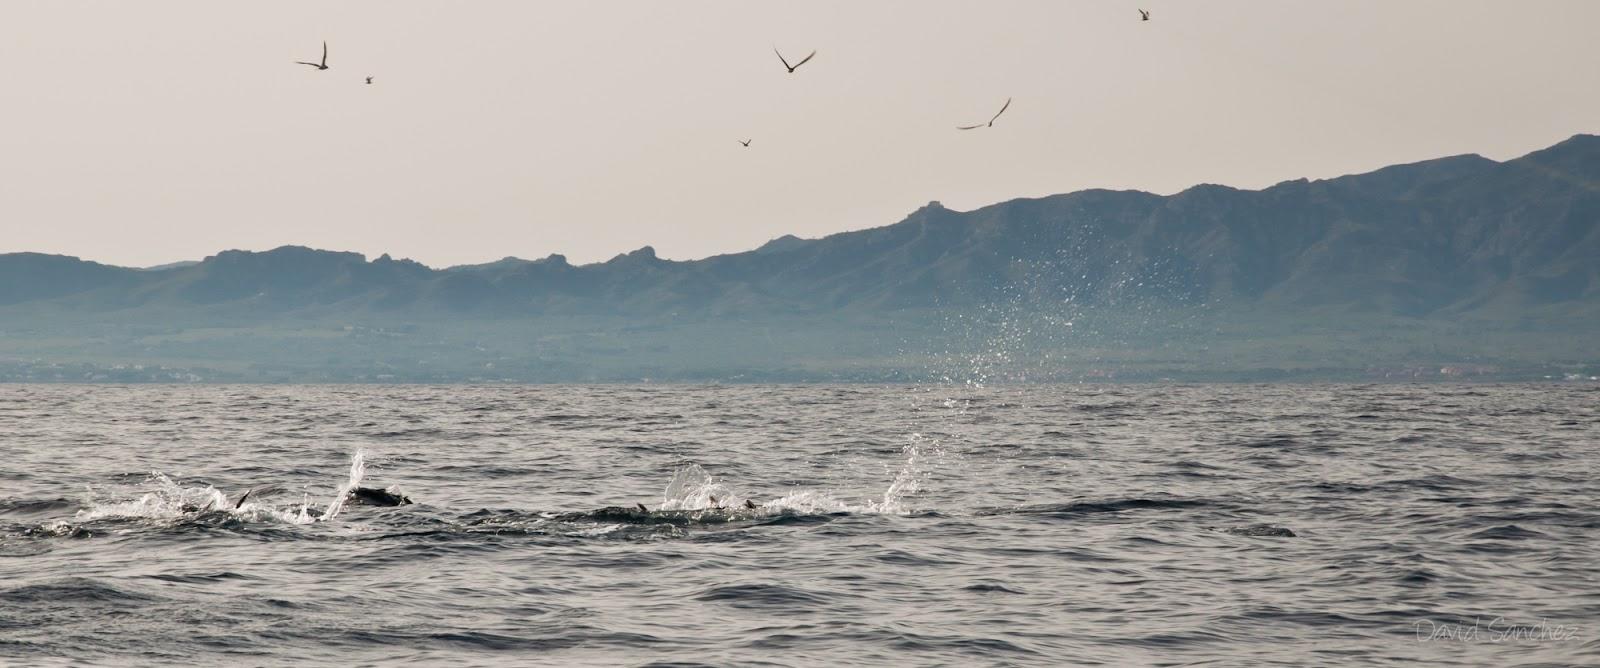 Lances de pesca a spinning